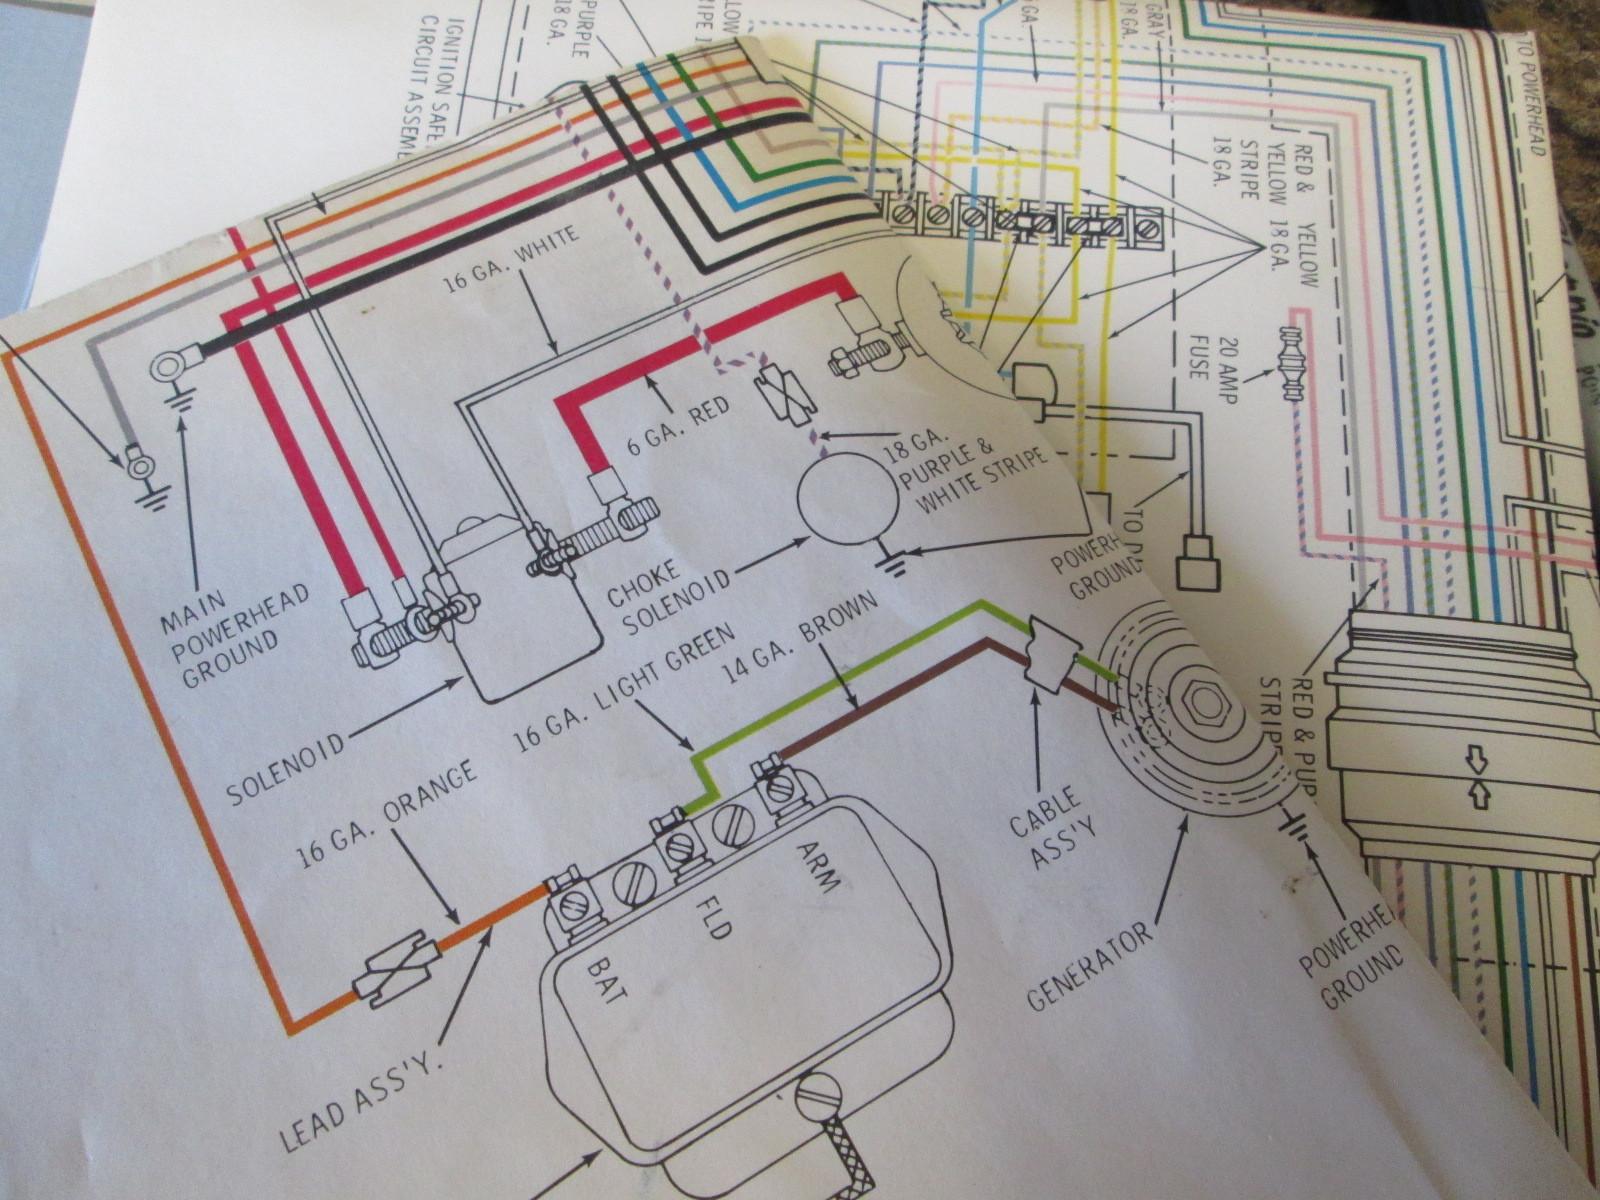 Jcb 940 Wiring Diagram Another Blog About Hyster Schematics Forklift